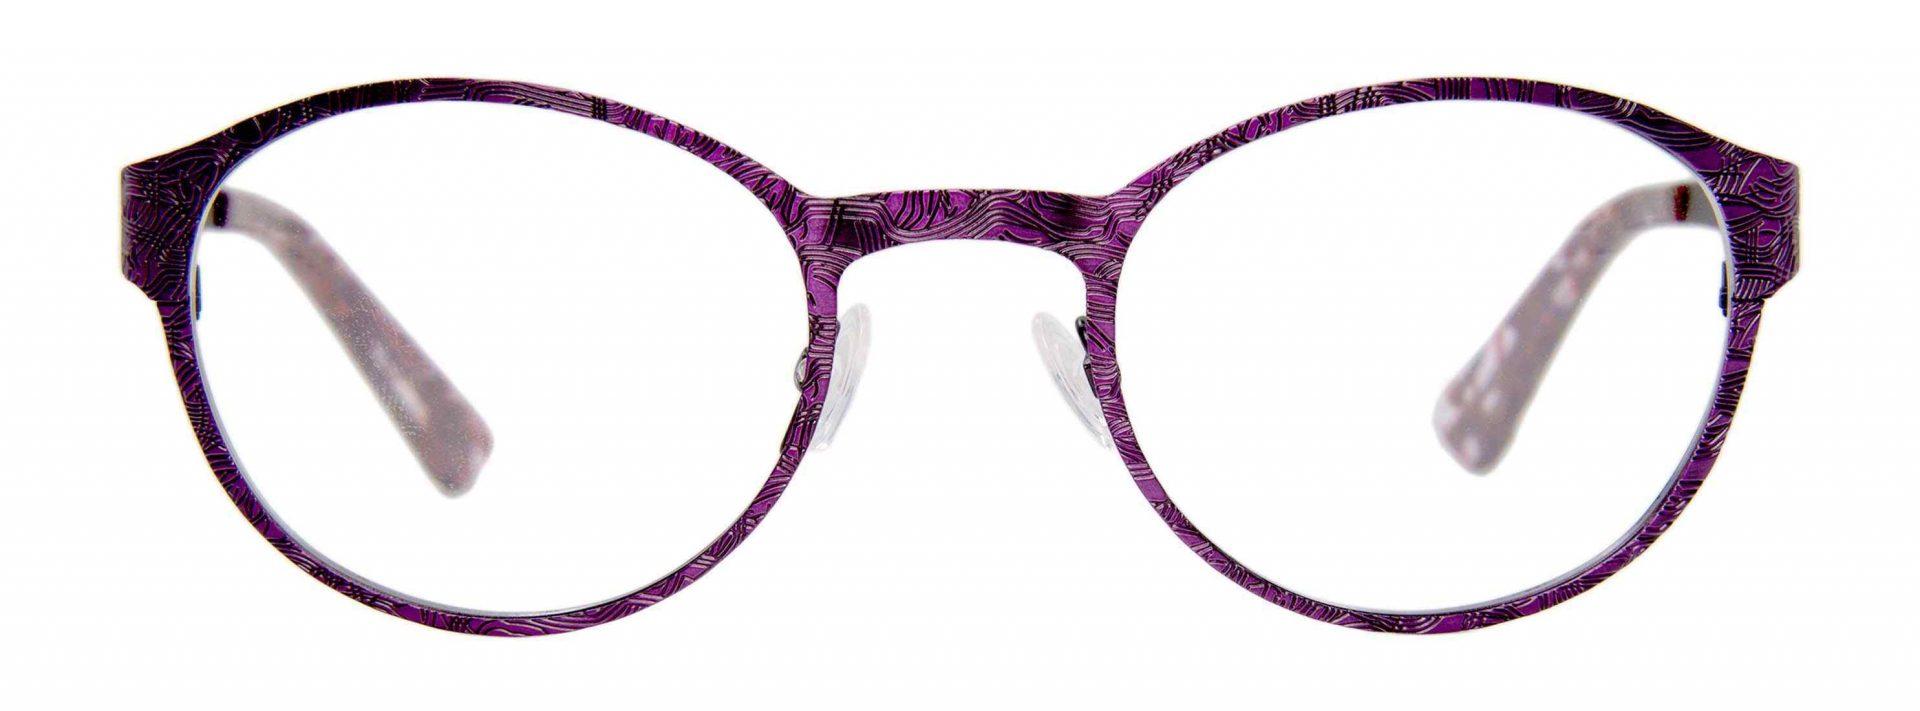 Vanni spectacles 1163 C135 0 2970x1100